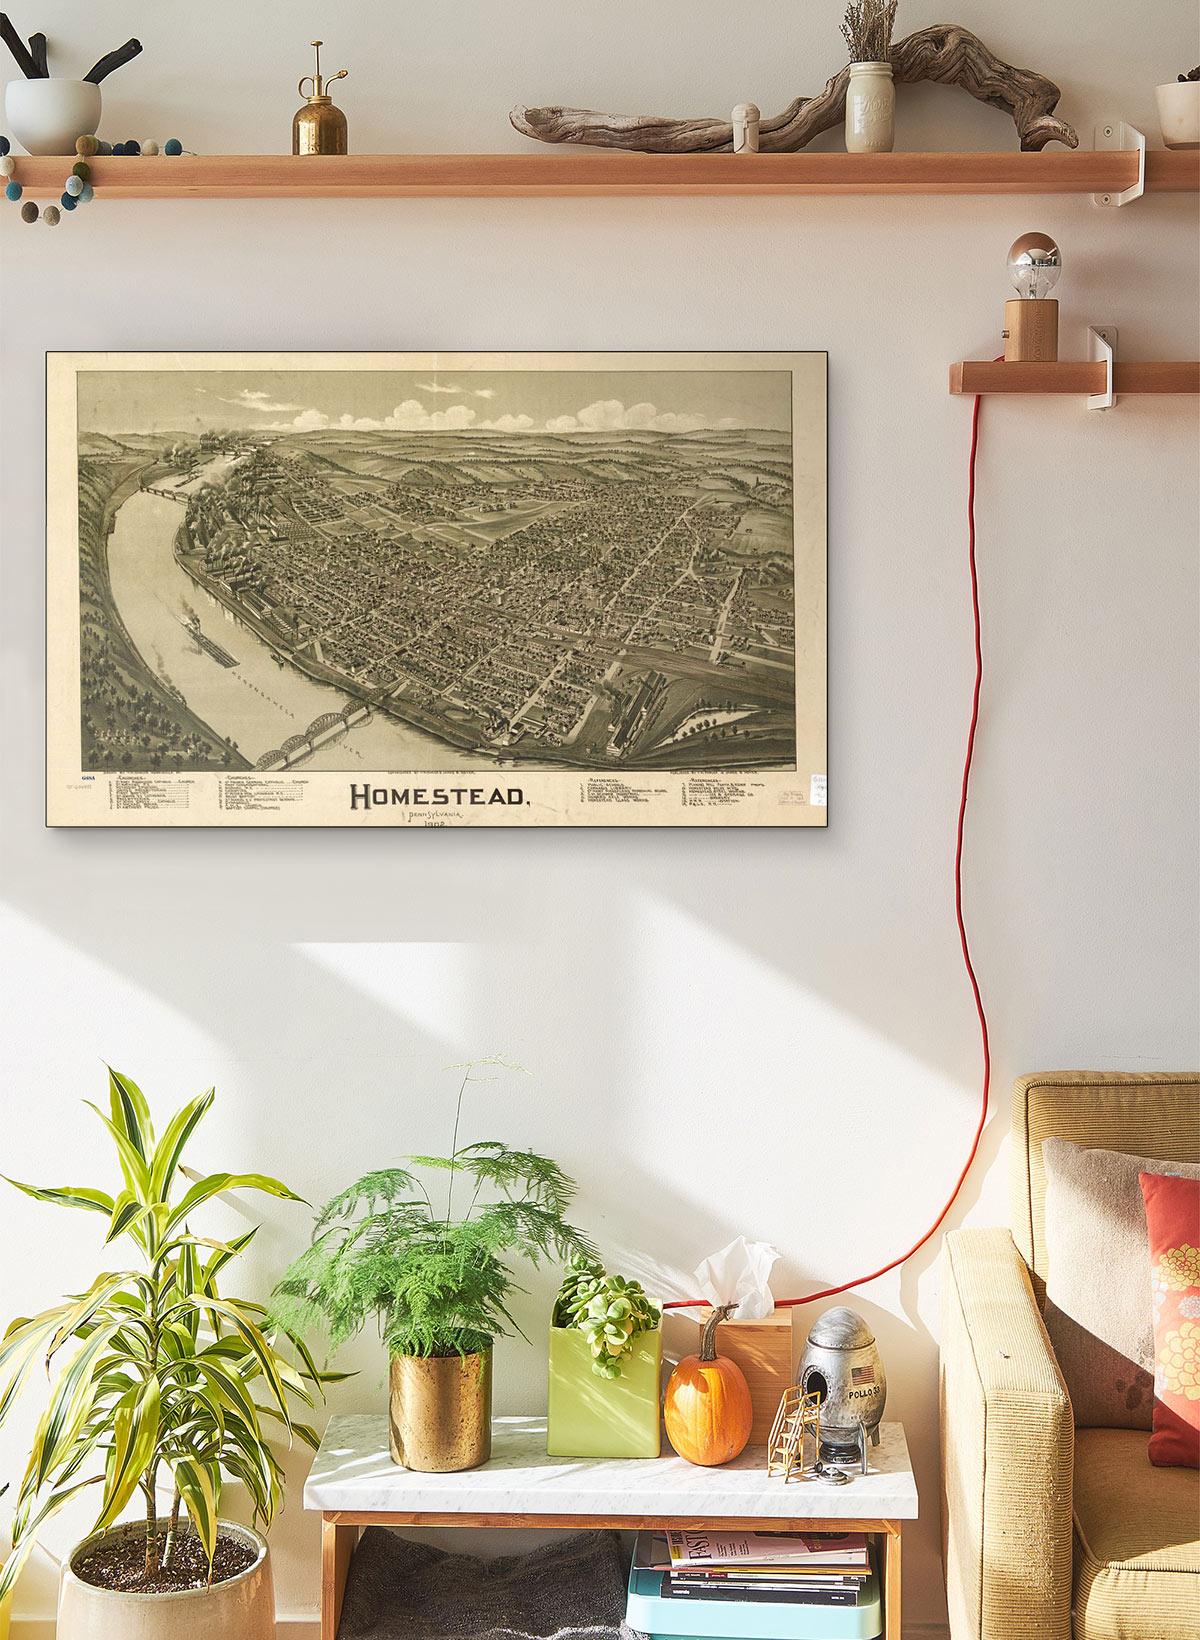 Homestead Pennsylvania 1902 LARGE Vintage Map